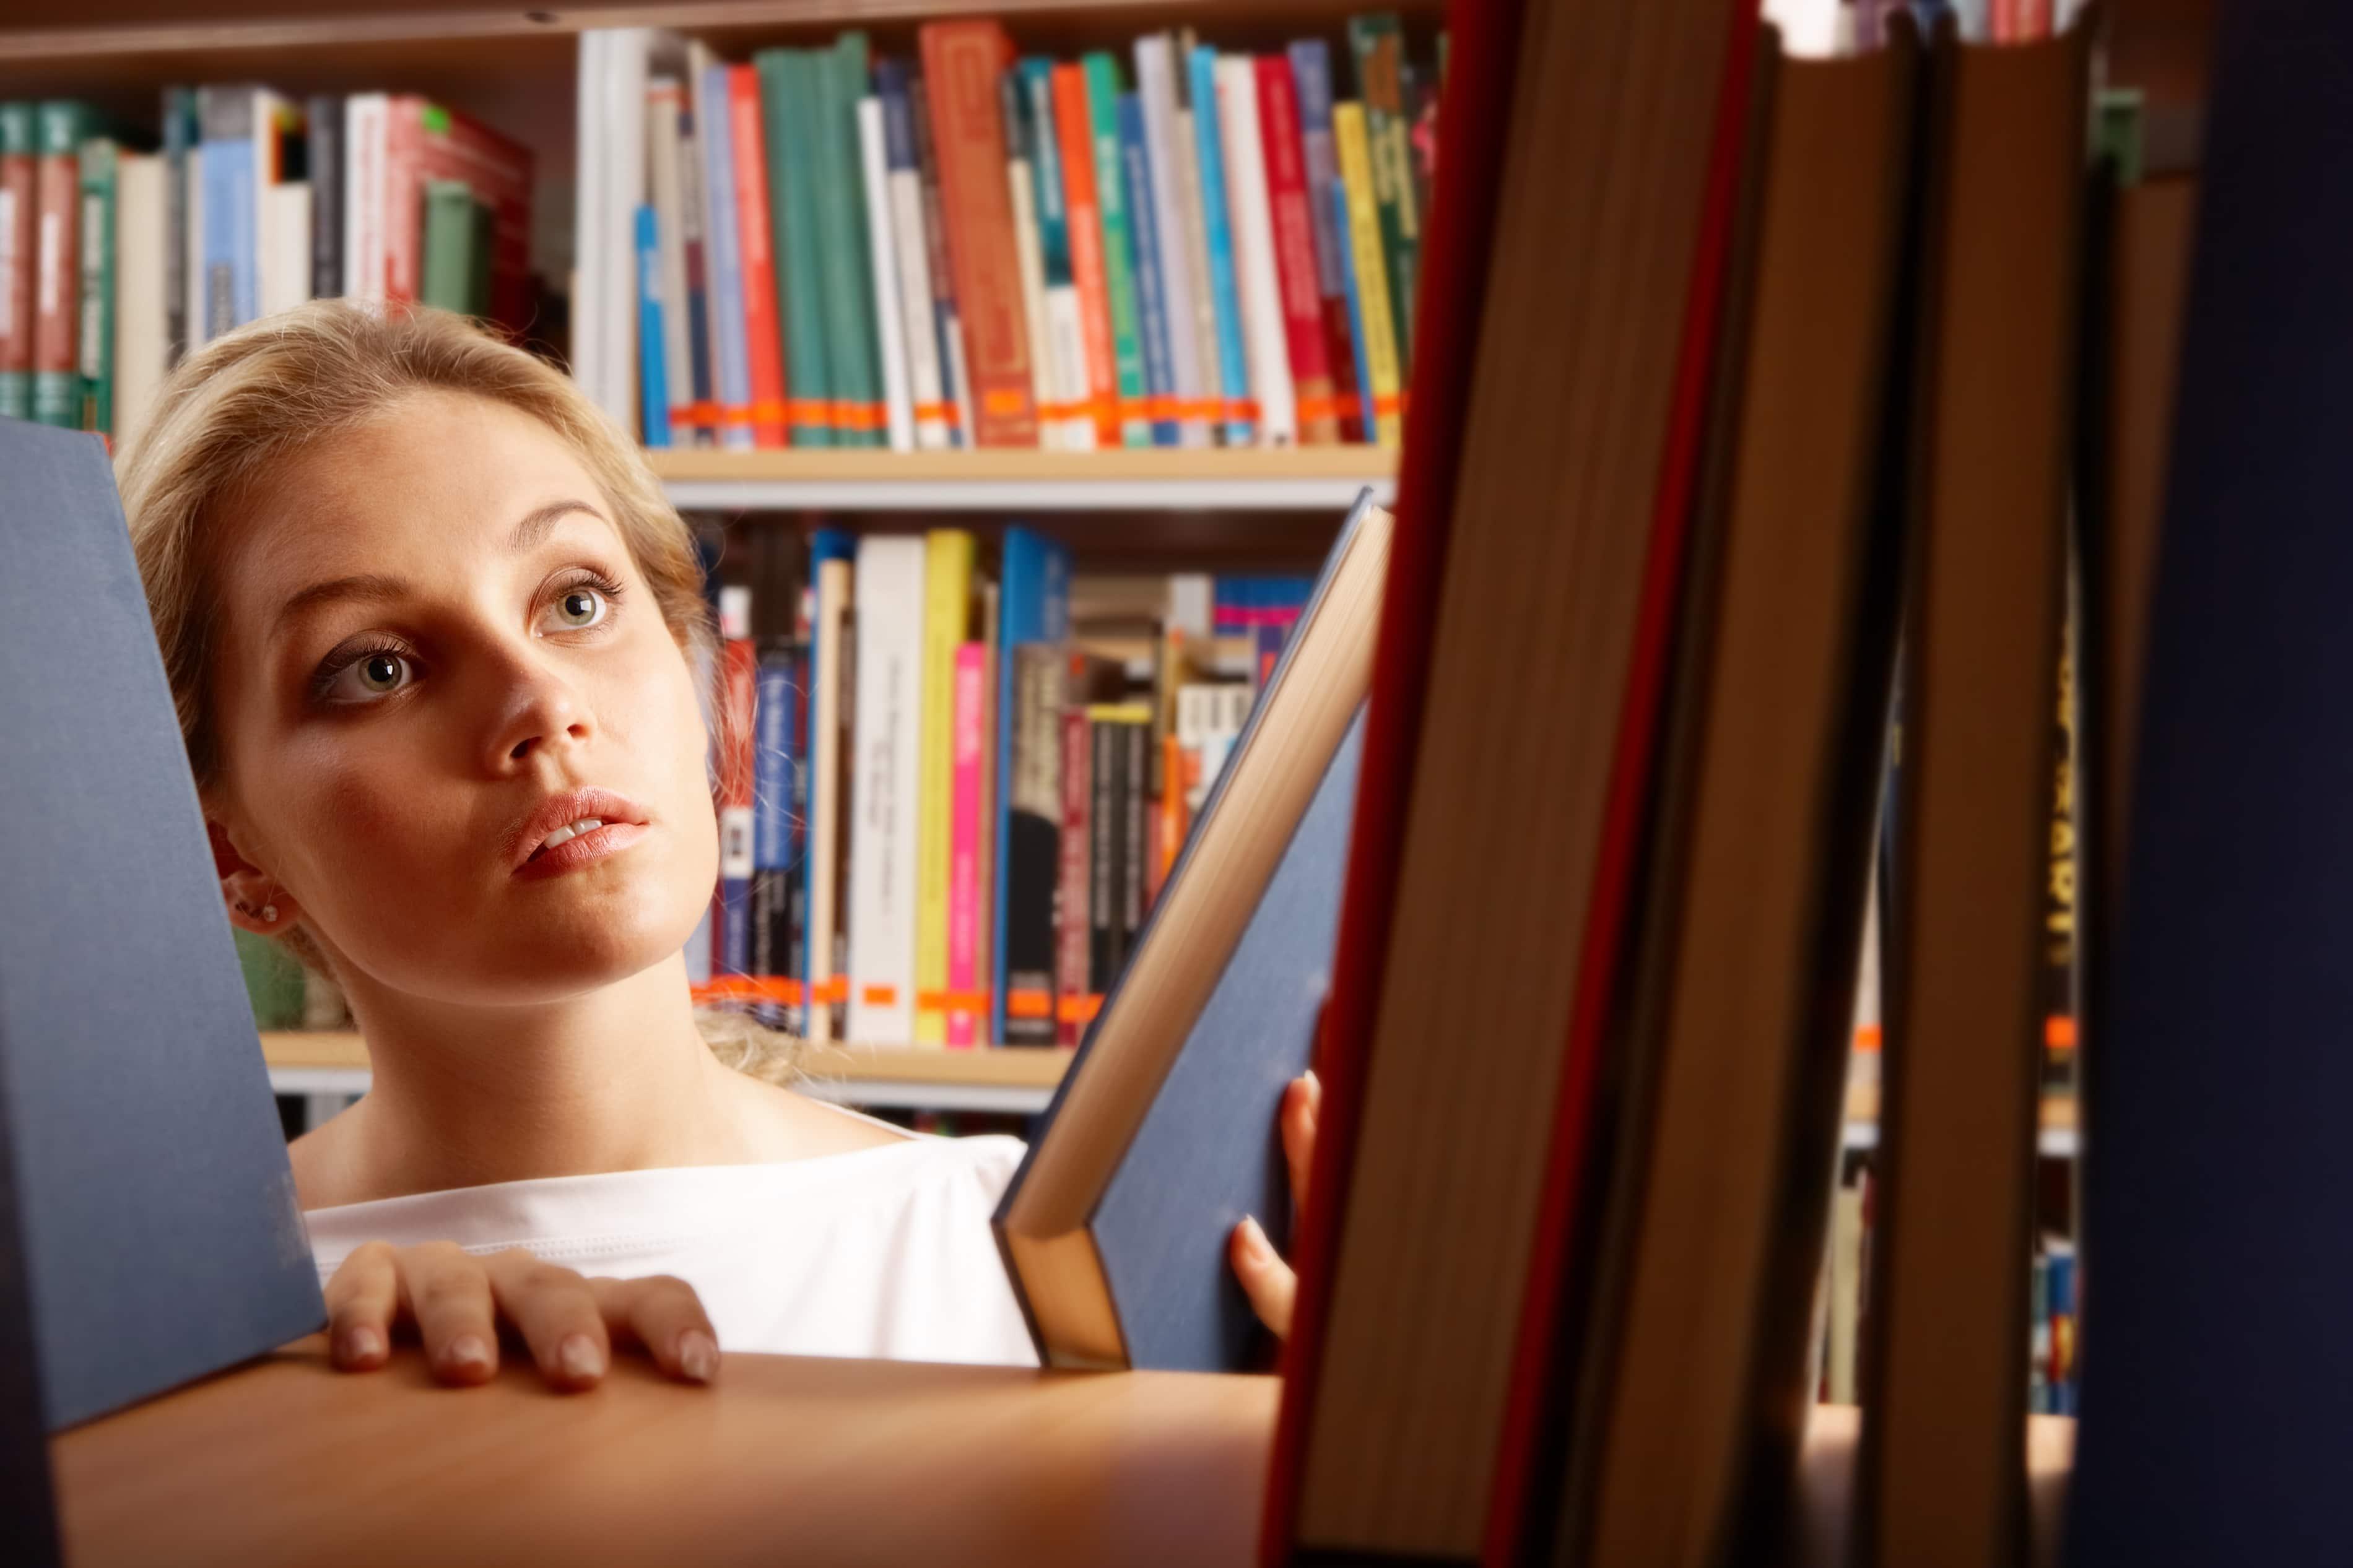 Эротическая библиотека читать онлайн, Эротические истории. Порно рассказы. Откровенные 29 фотография